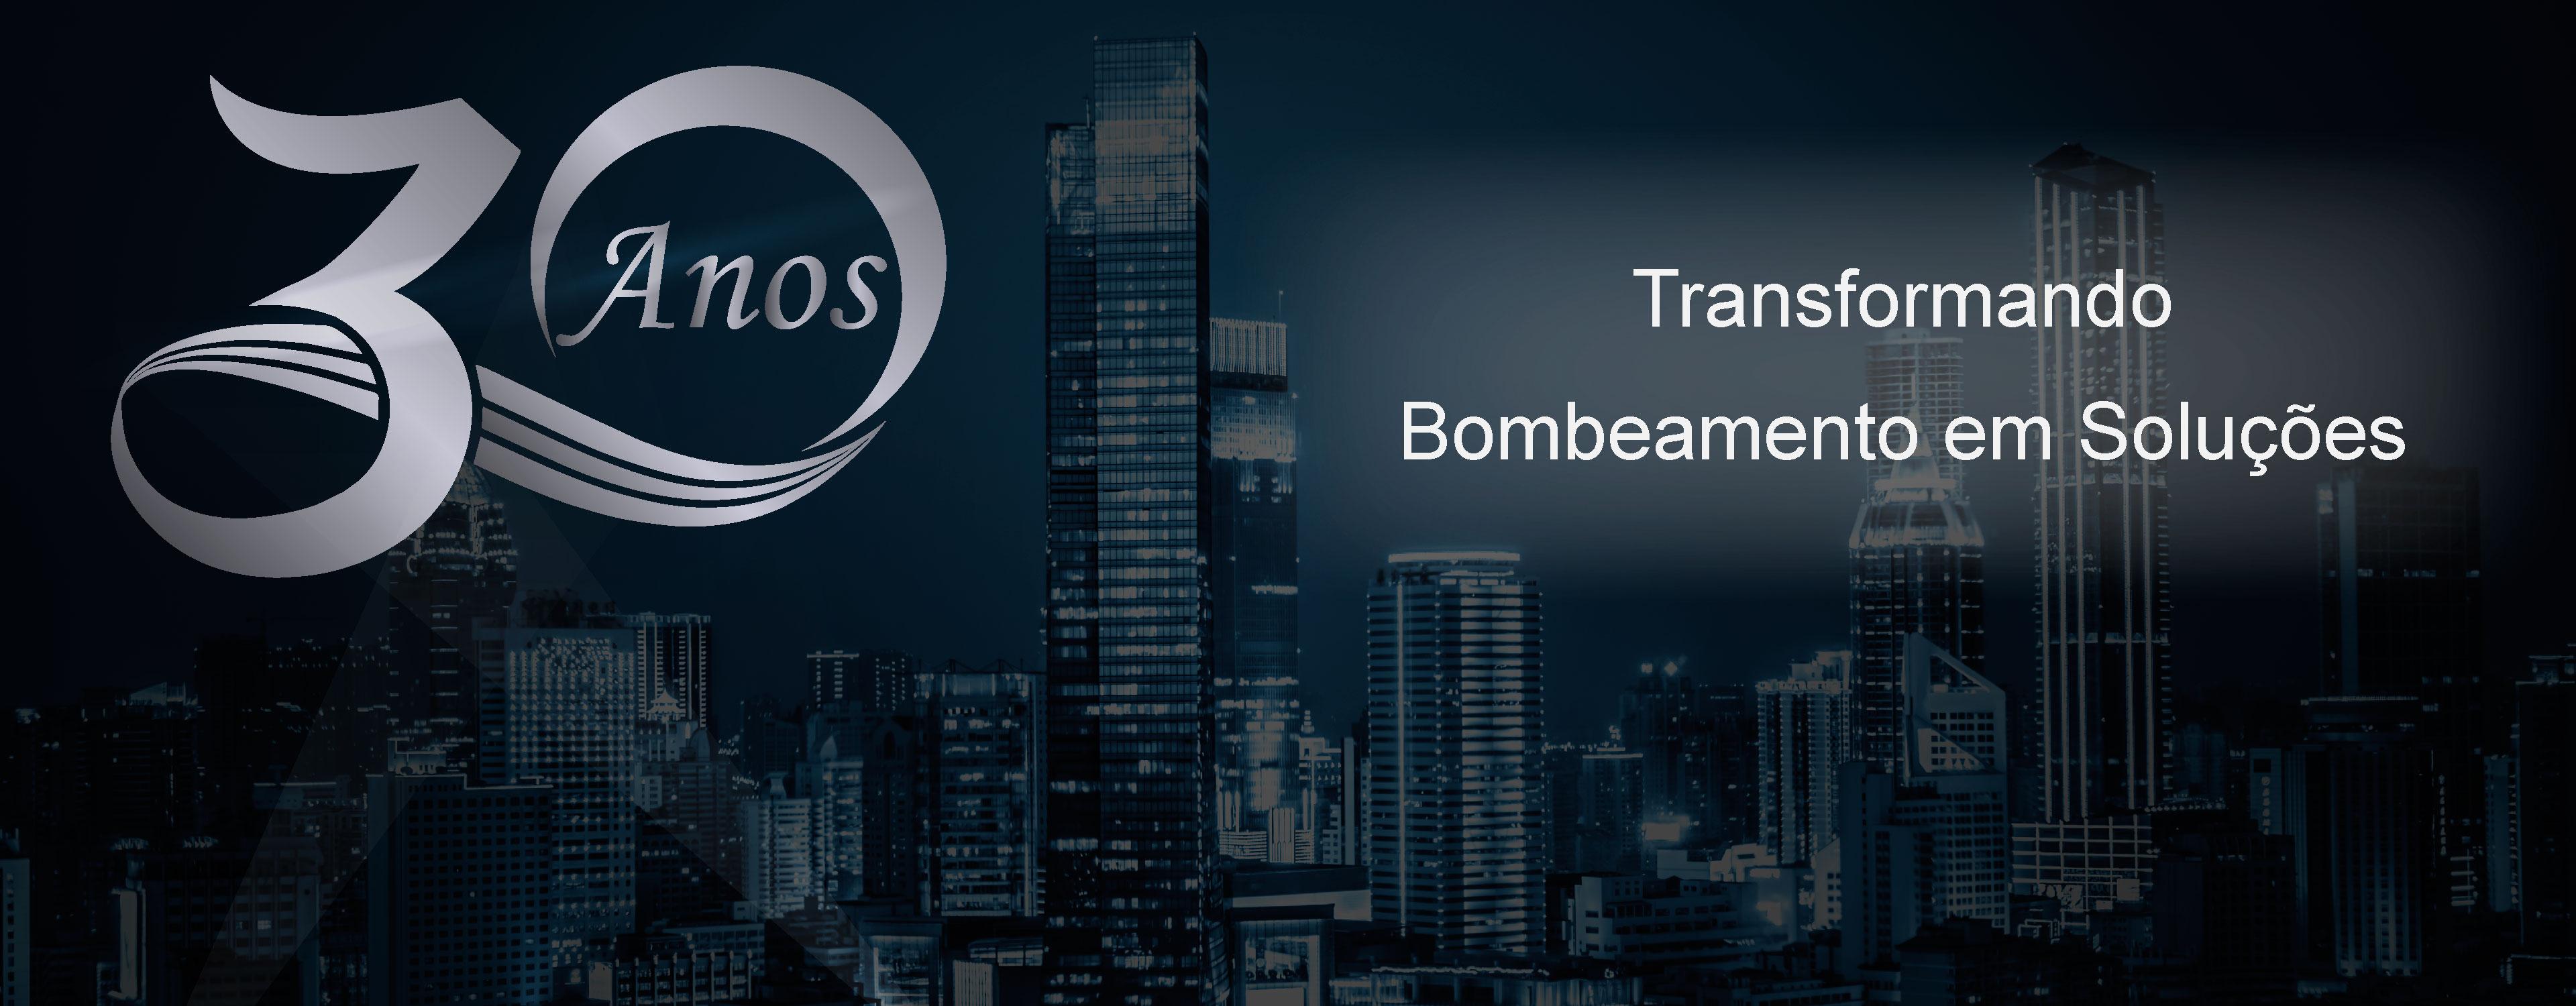 SBG BOMBAS TRANFORMANDO BOMBEAMENTO EM SOLUÇÕES